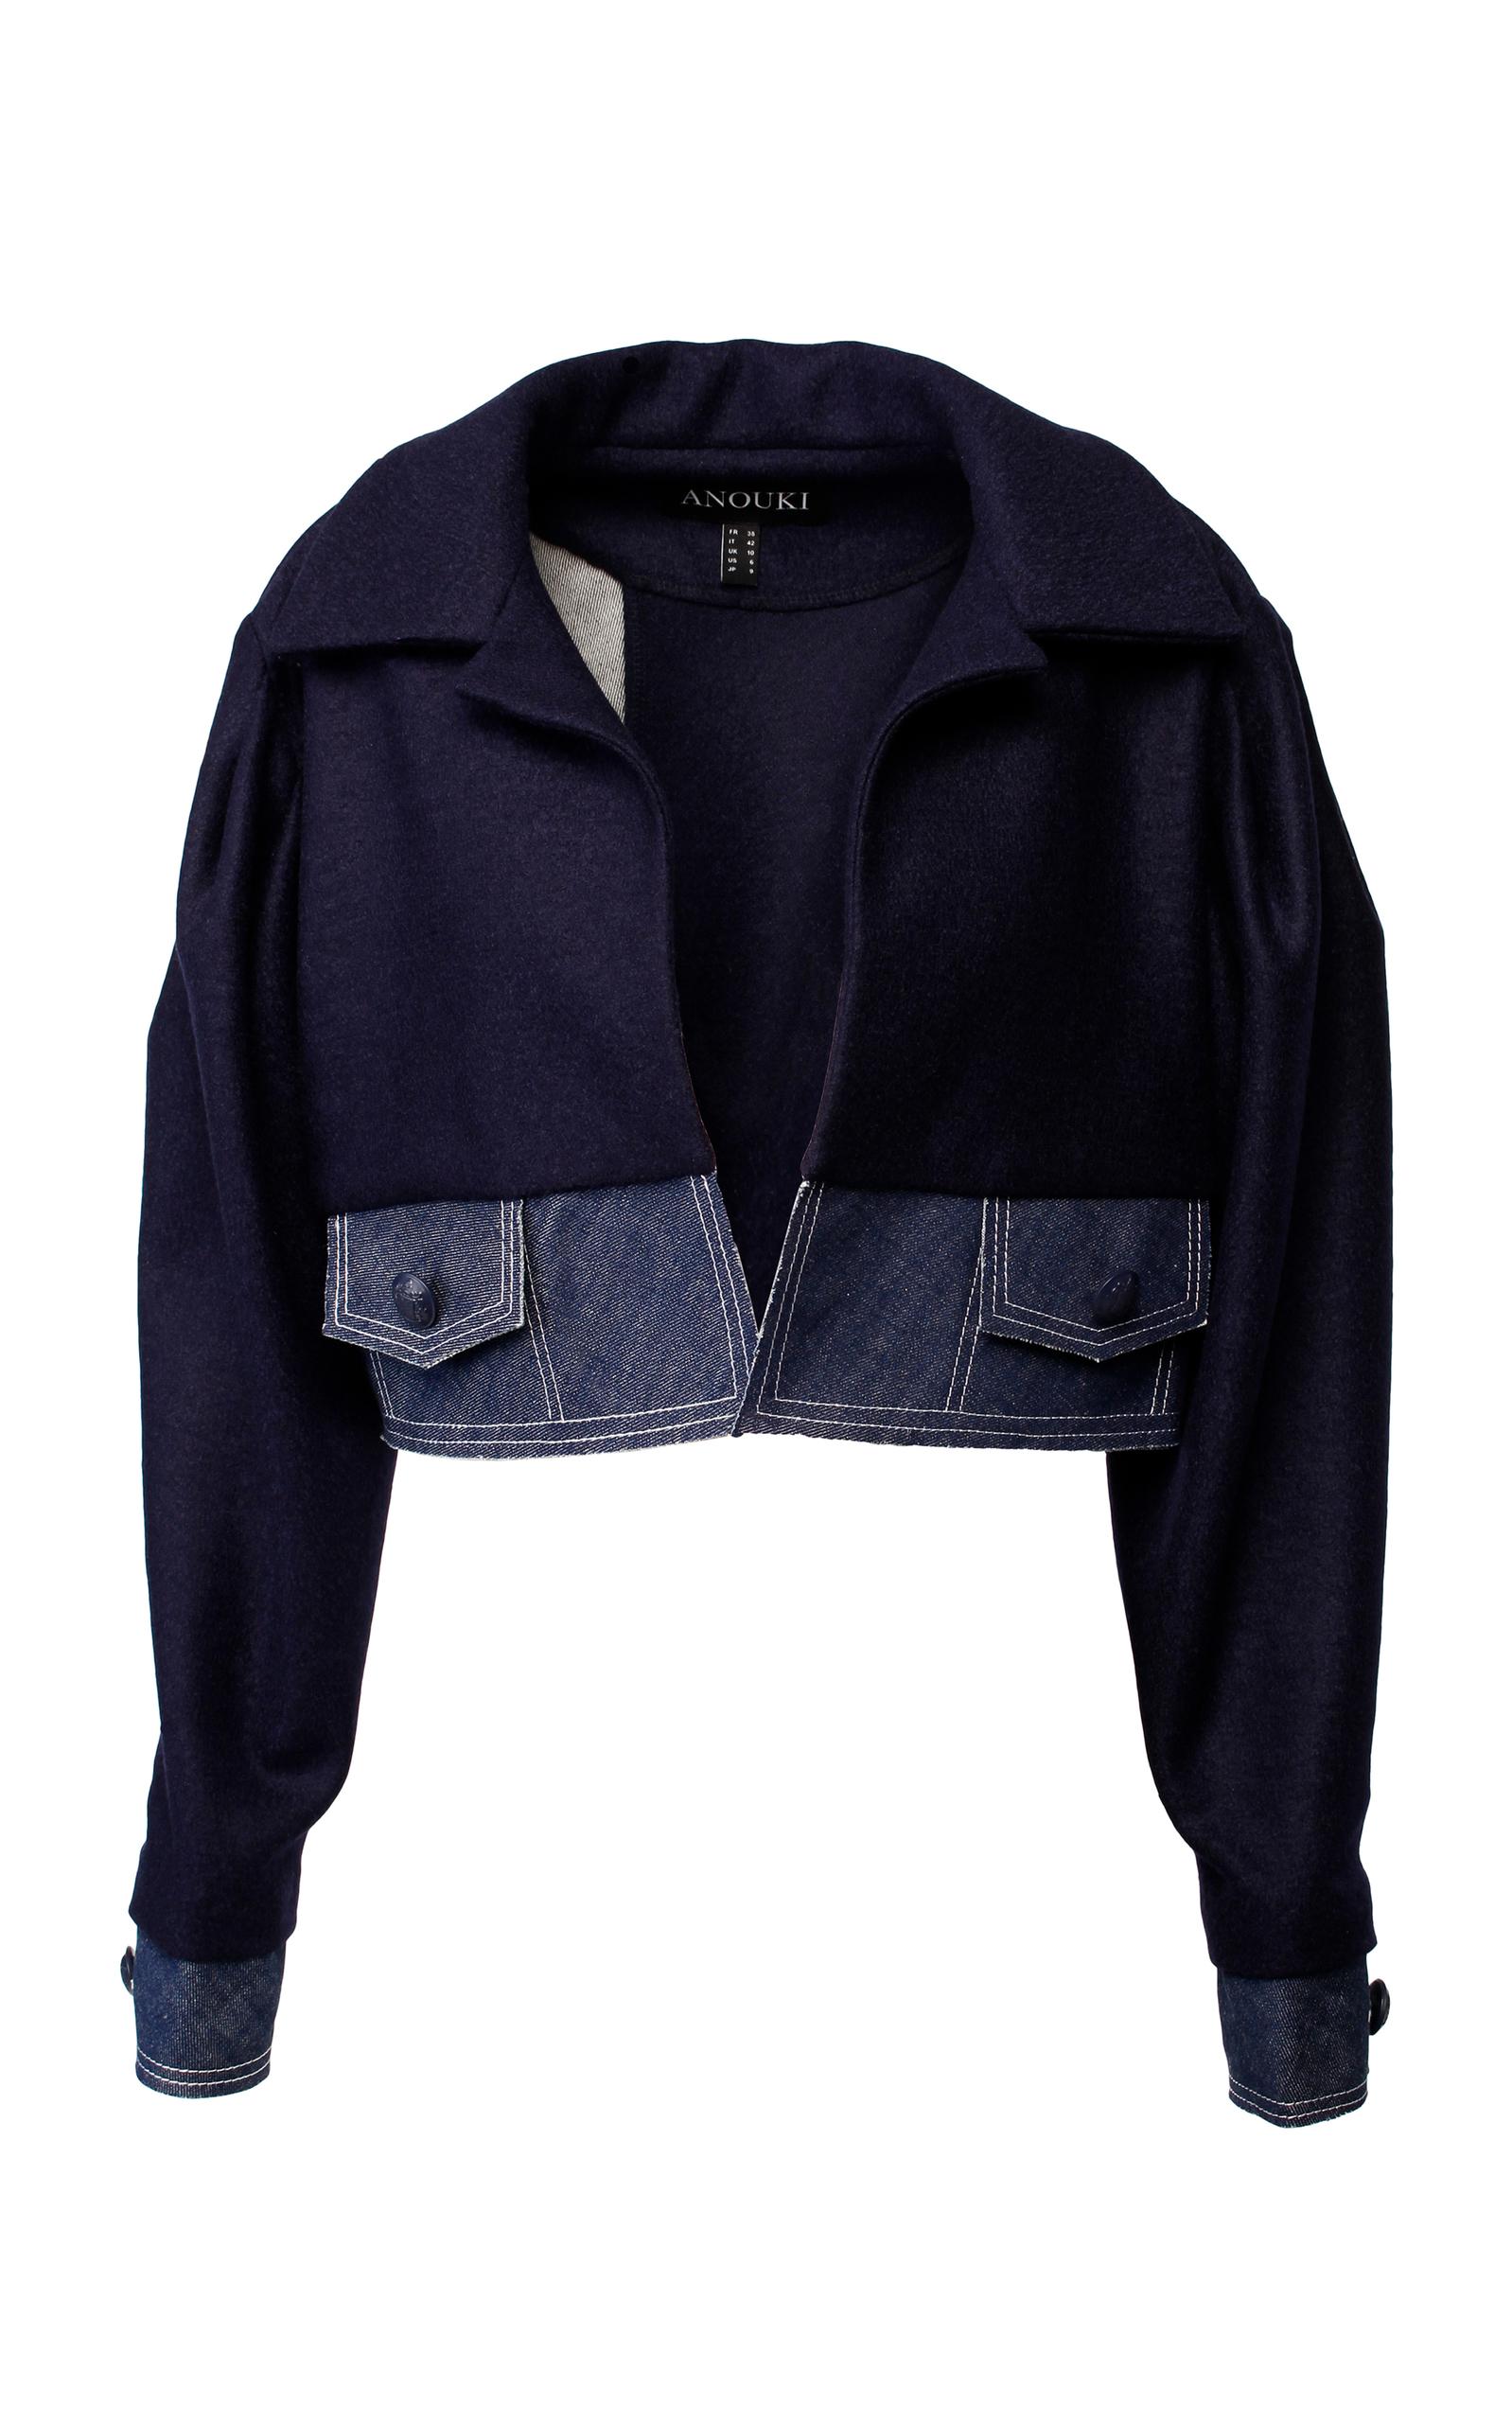 ANOUKI Dark Blue Loose-Fit Cropped Jacket